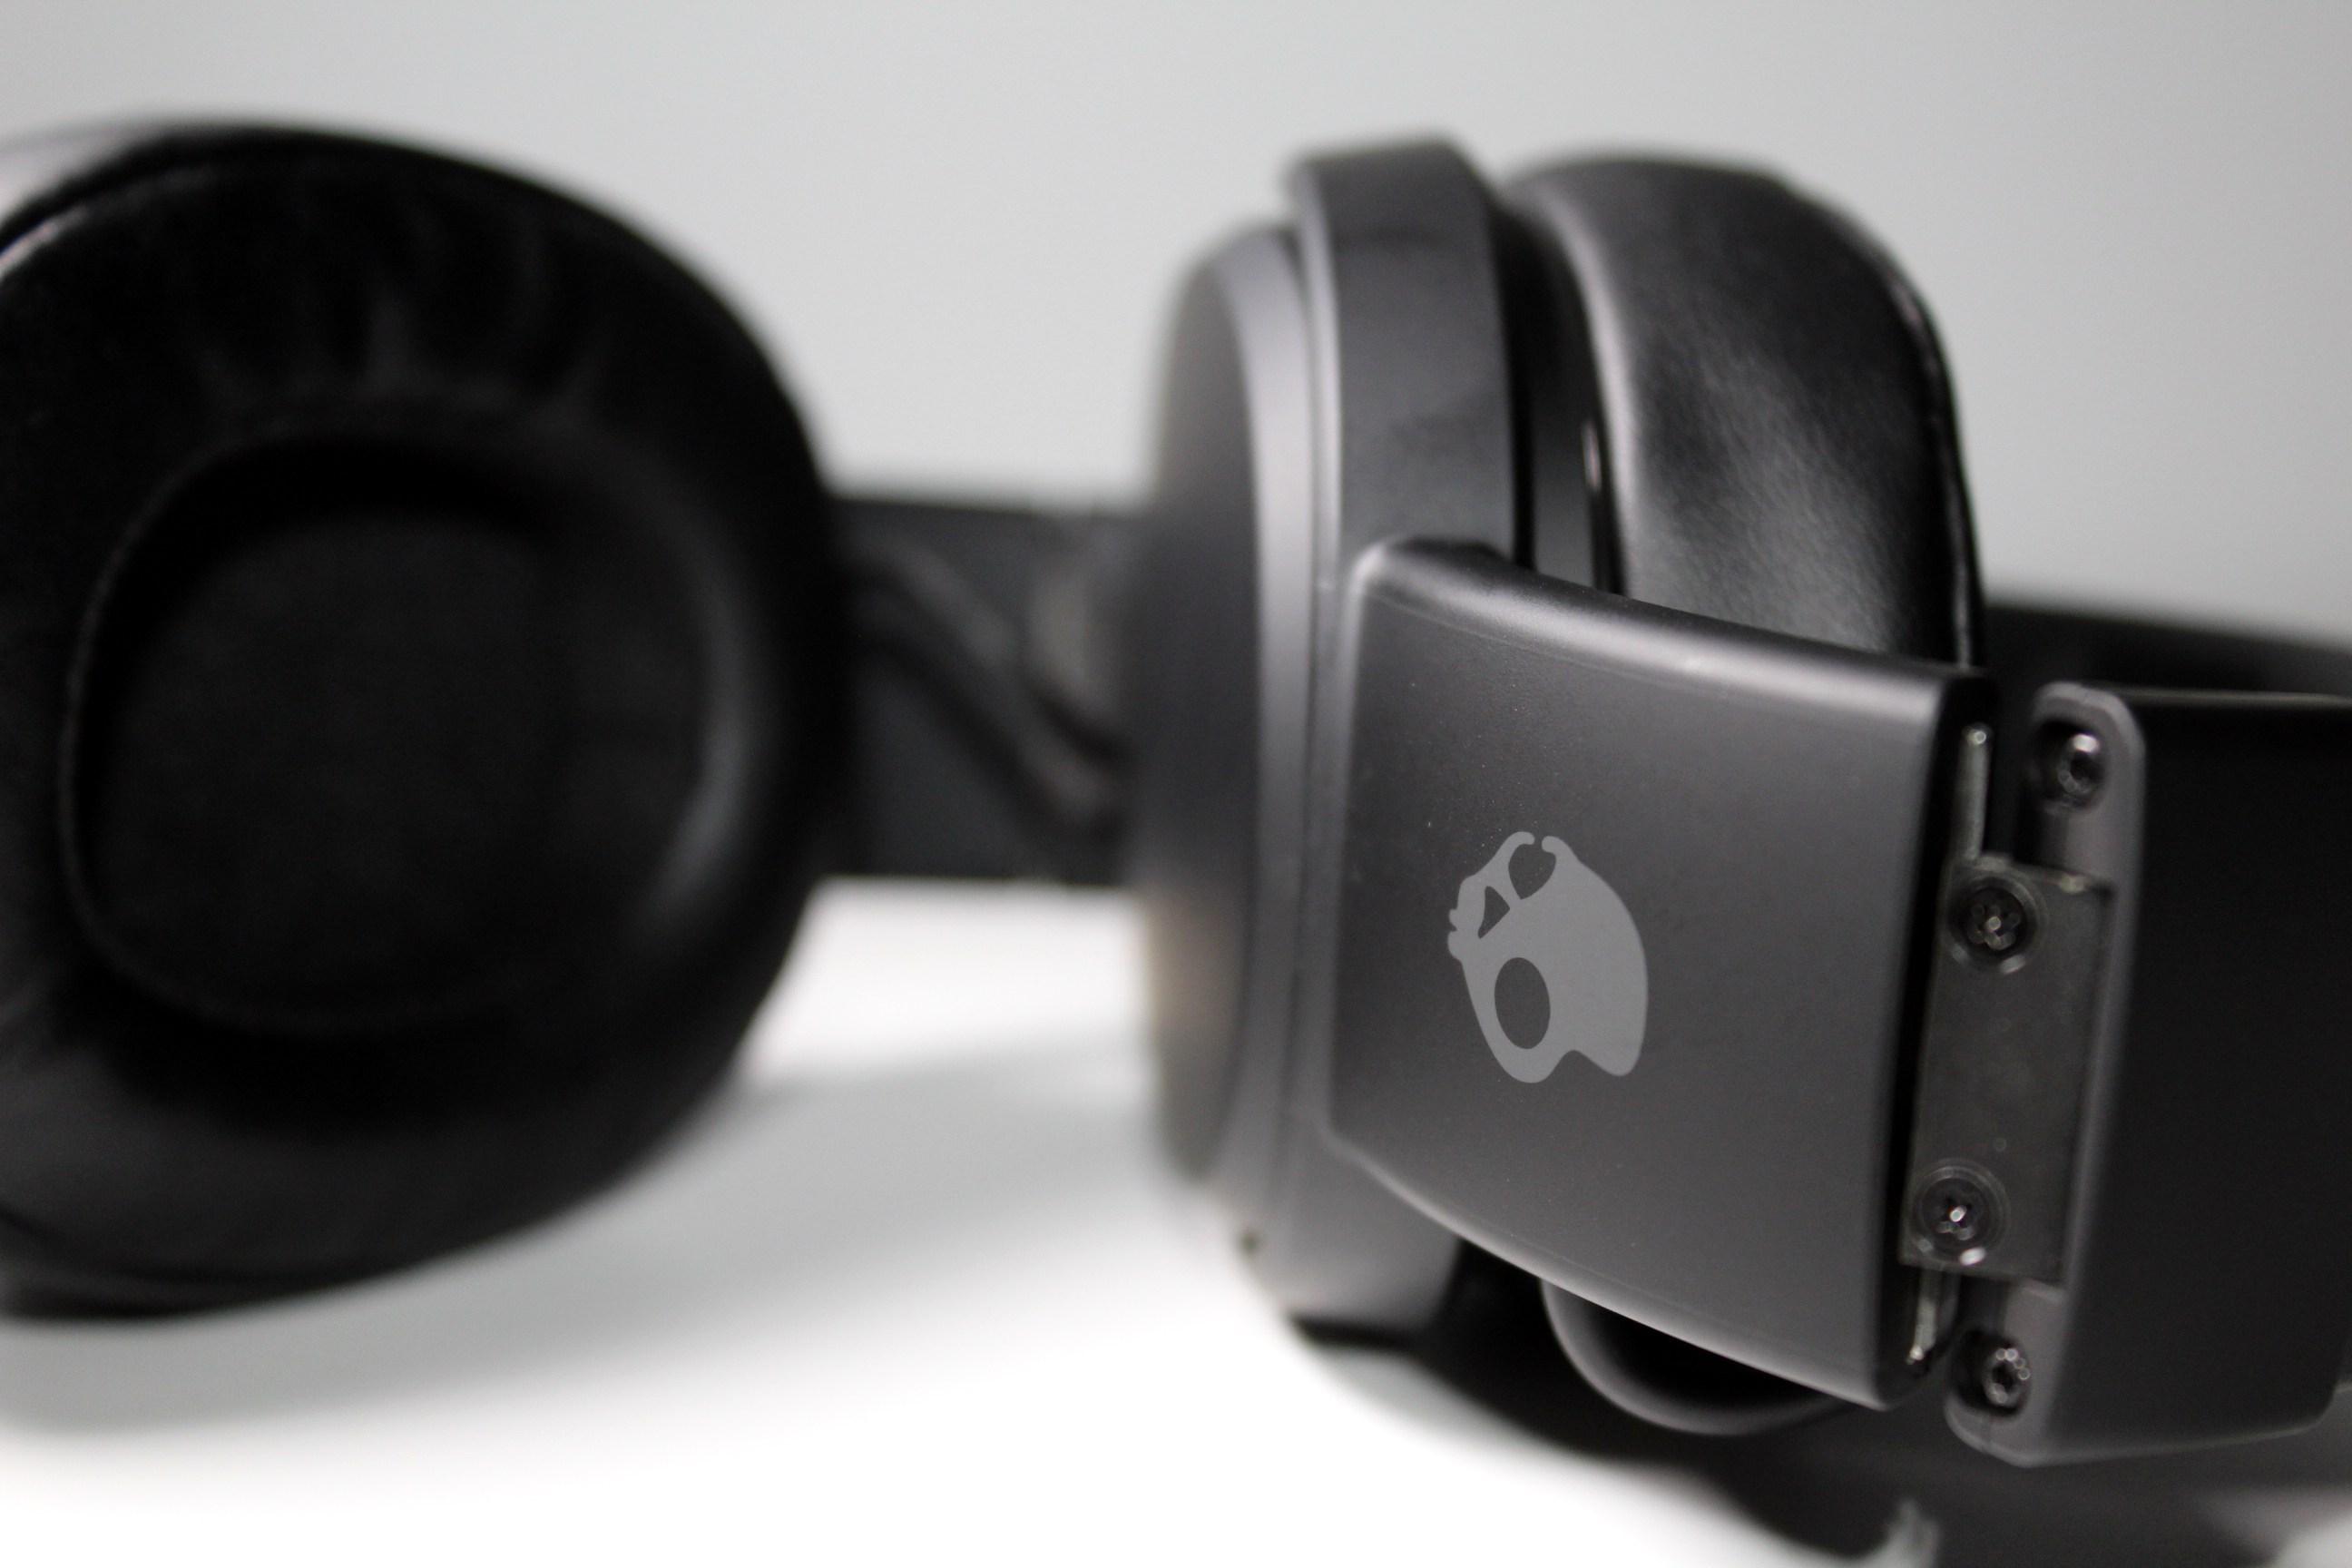 Skullcandy Launches Crusher Wireless Headphones